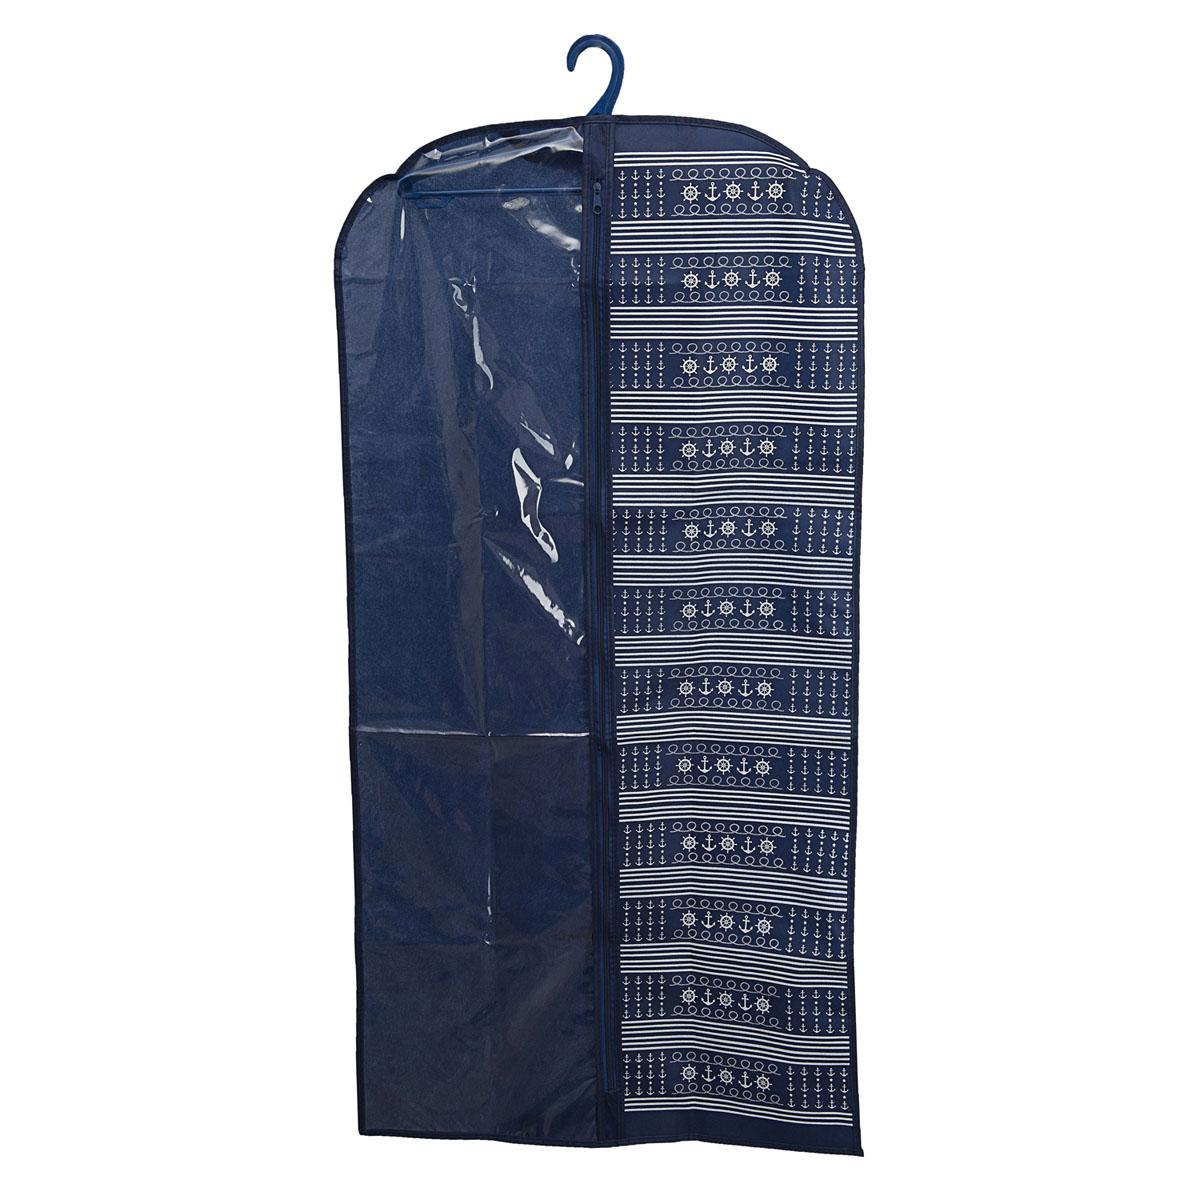 Чехол для одежды Homsu Ocean, подвесной, с прозрачной вставкой, 120 х 60 см чехол для одежды eva с прозрачной вставкой цвет черный белый 60 х 150 см